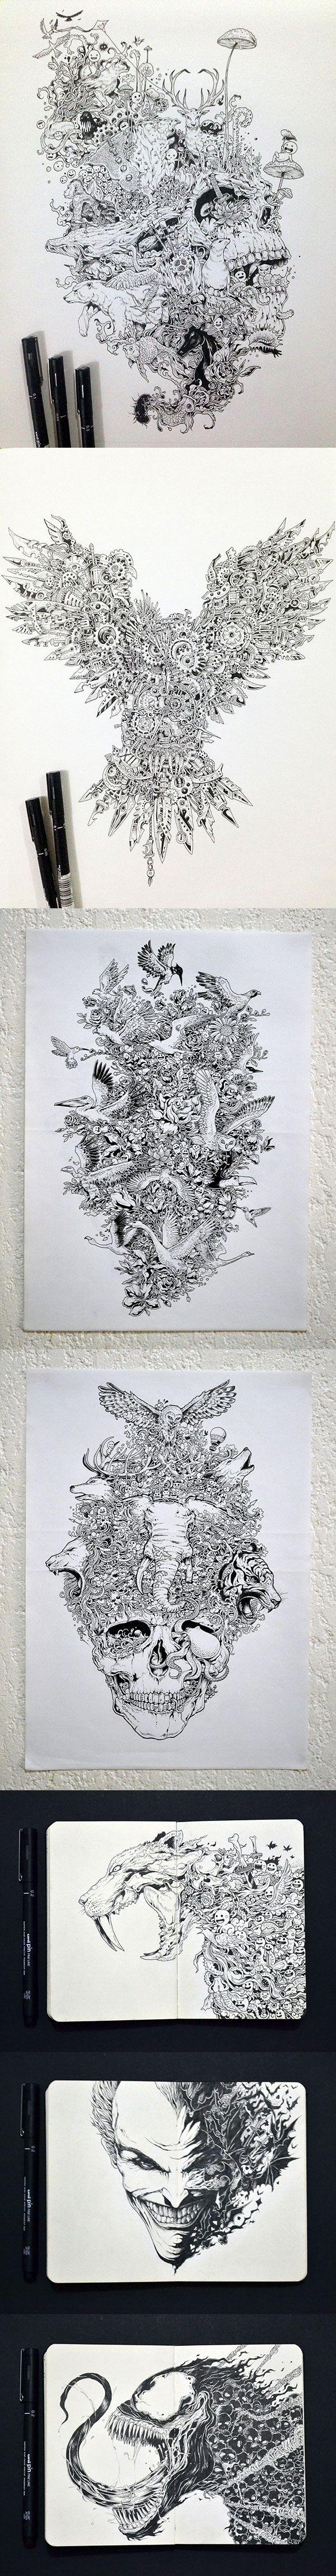 Les dessins et illustrations bourrées de détails de Kerby Rosanes (Philippines). Beaucoup d'autres à découvrir sur son Behance.